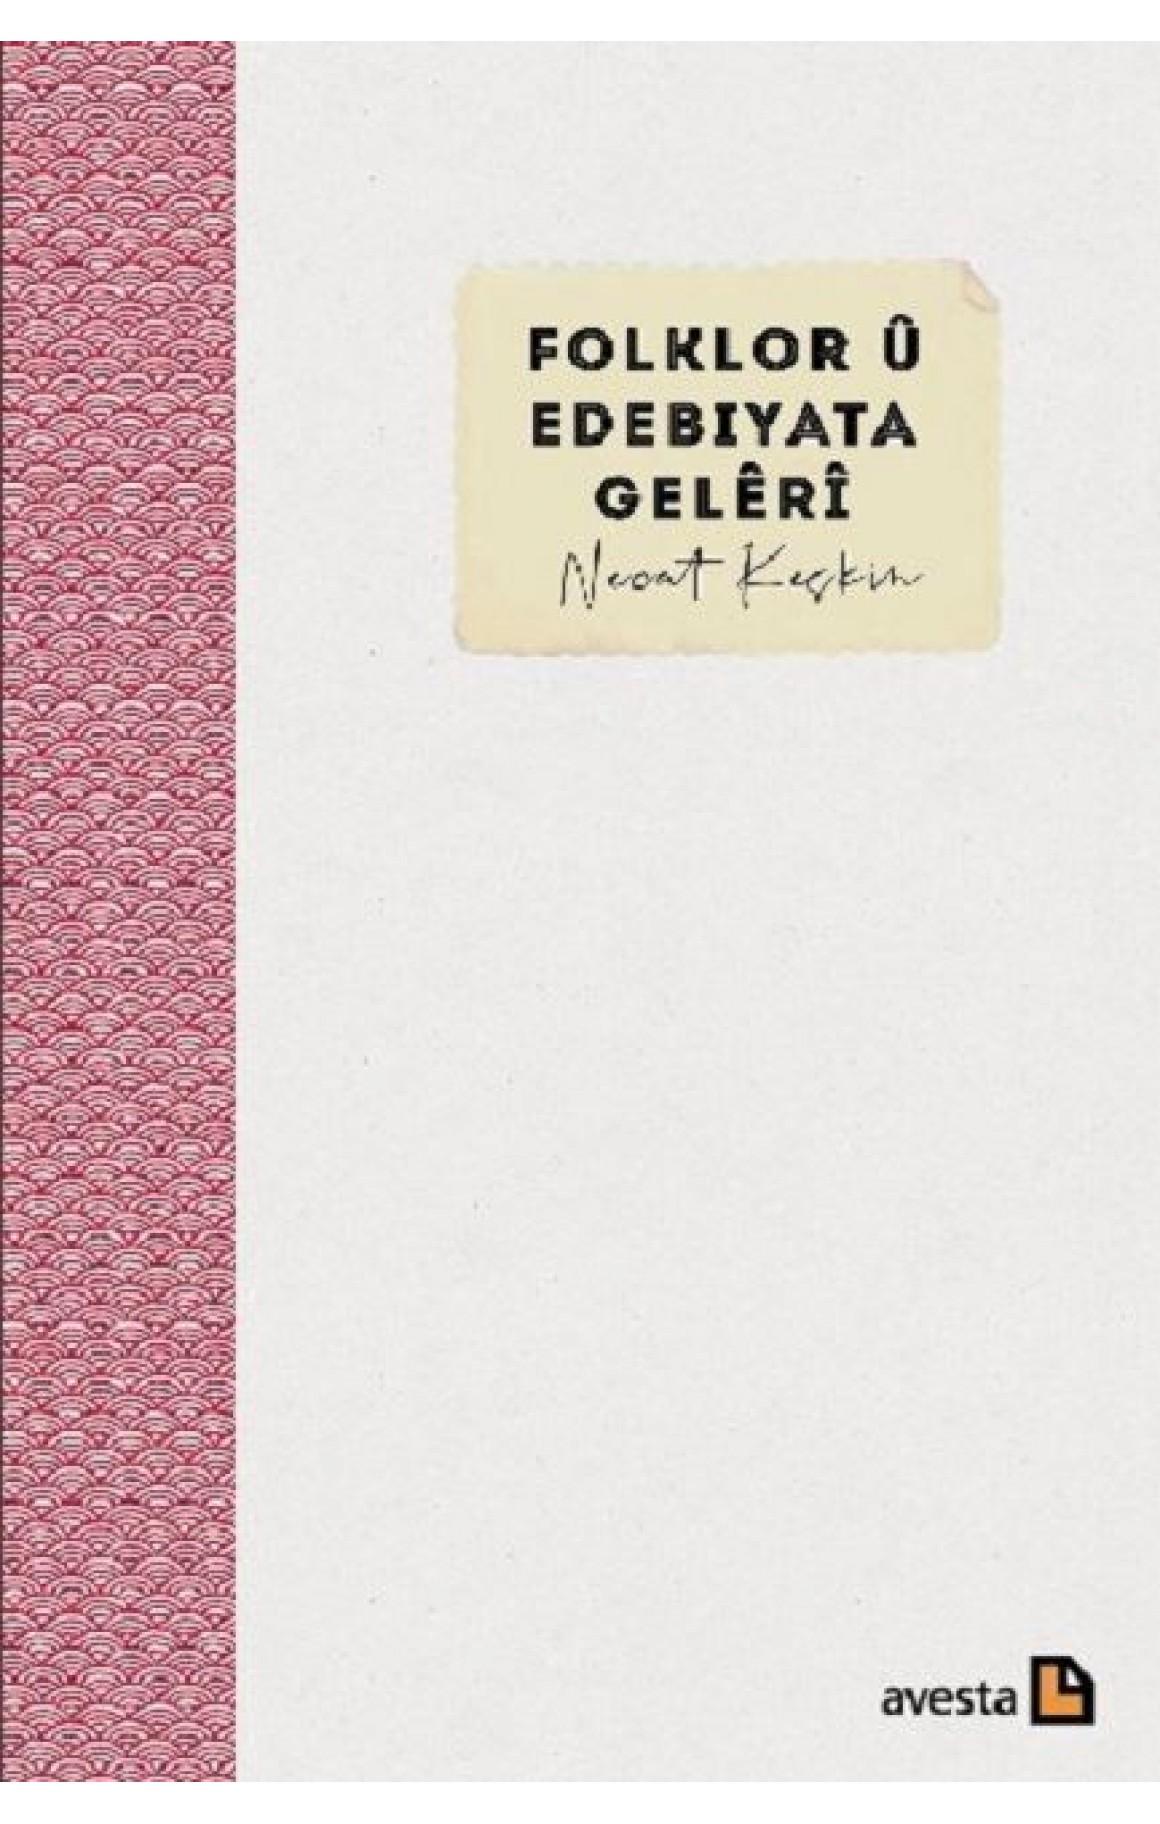 Folklor ü Edebiyata Geleri